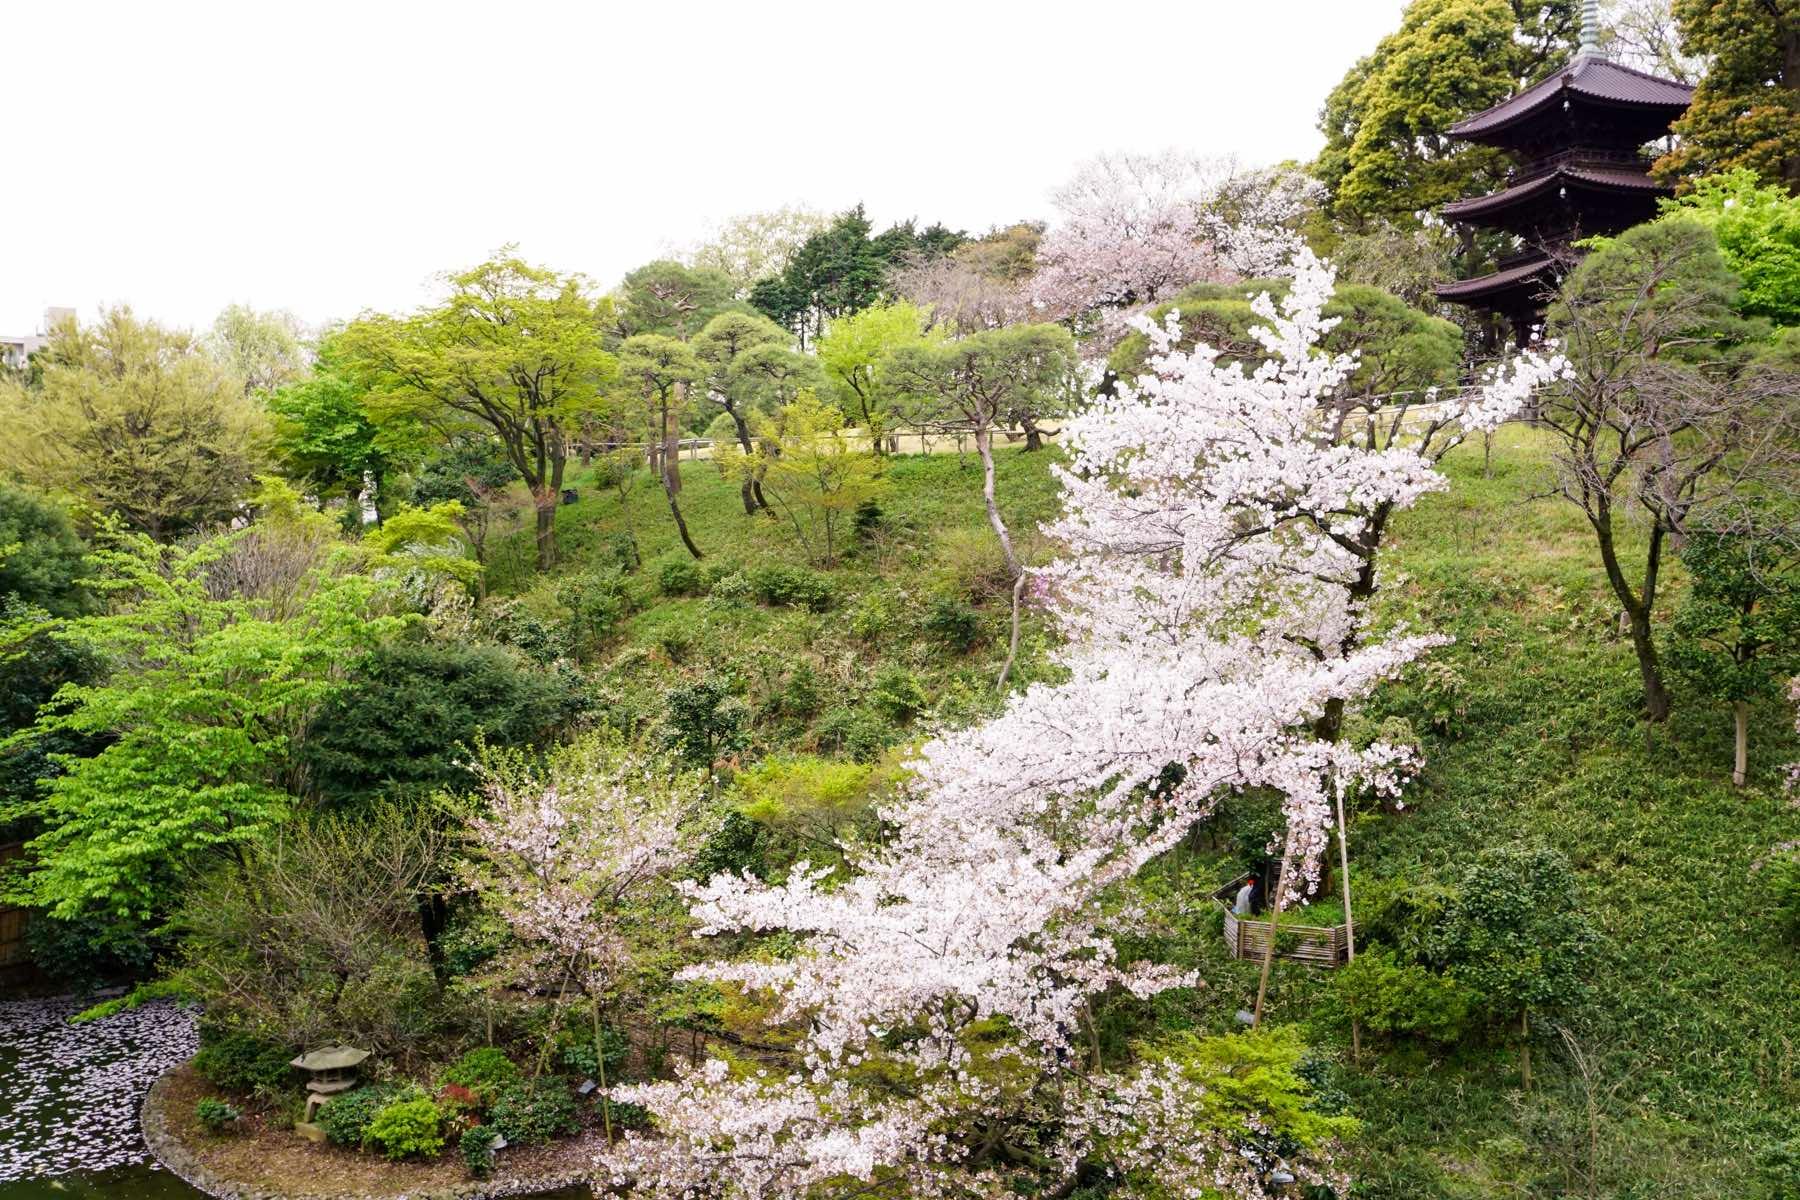 椿山荘の庭園 アフタヌーンティー